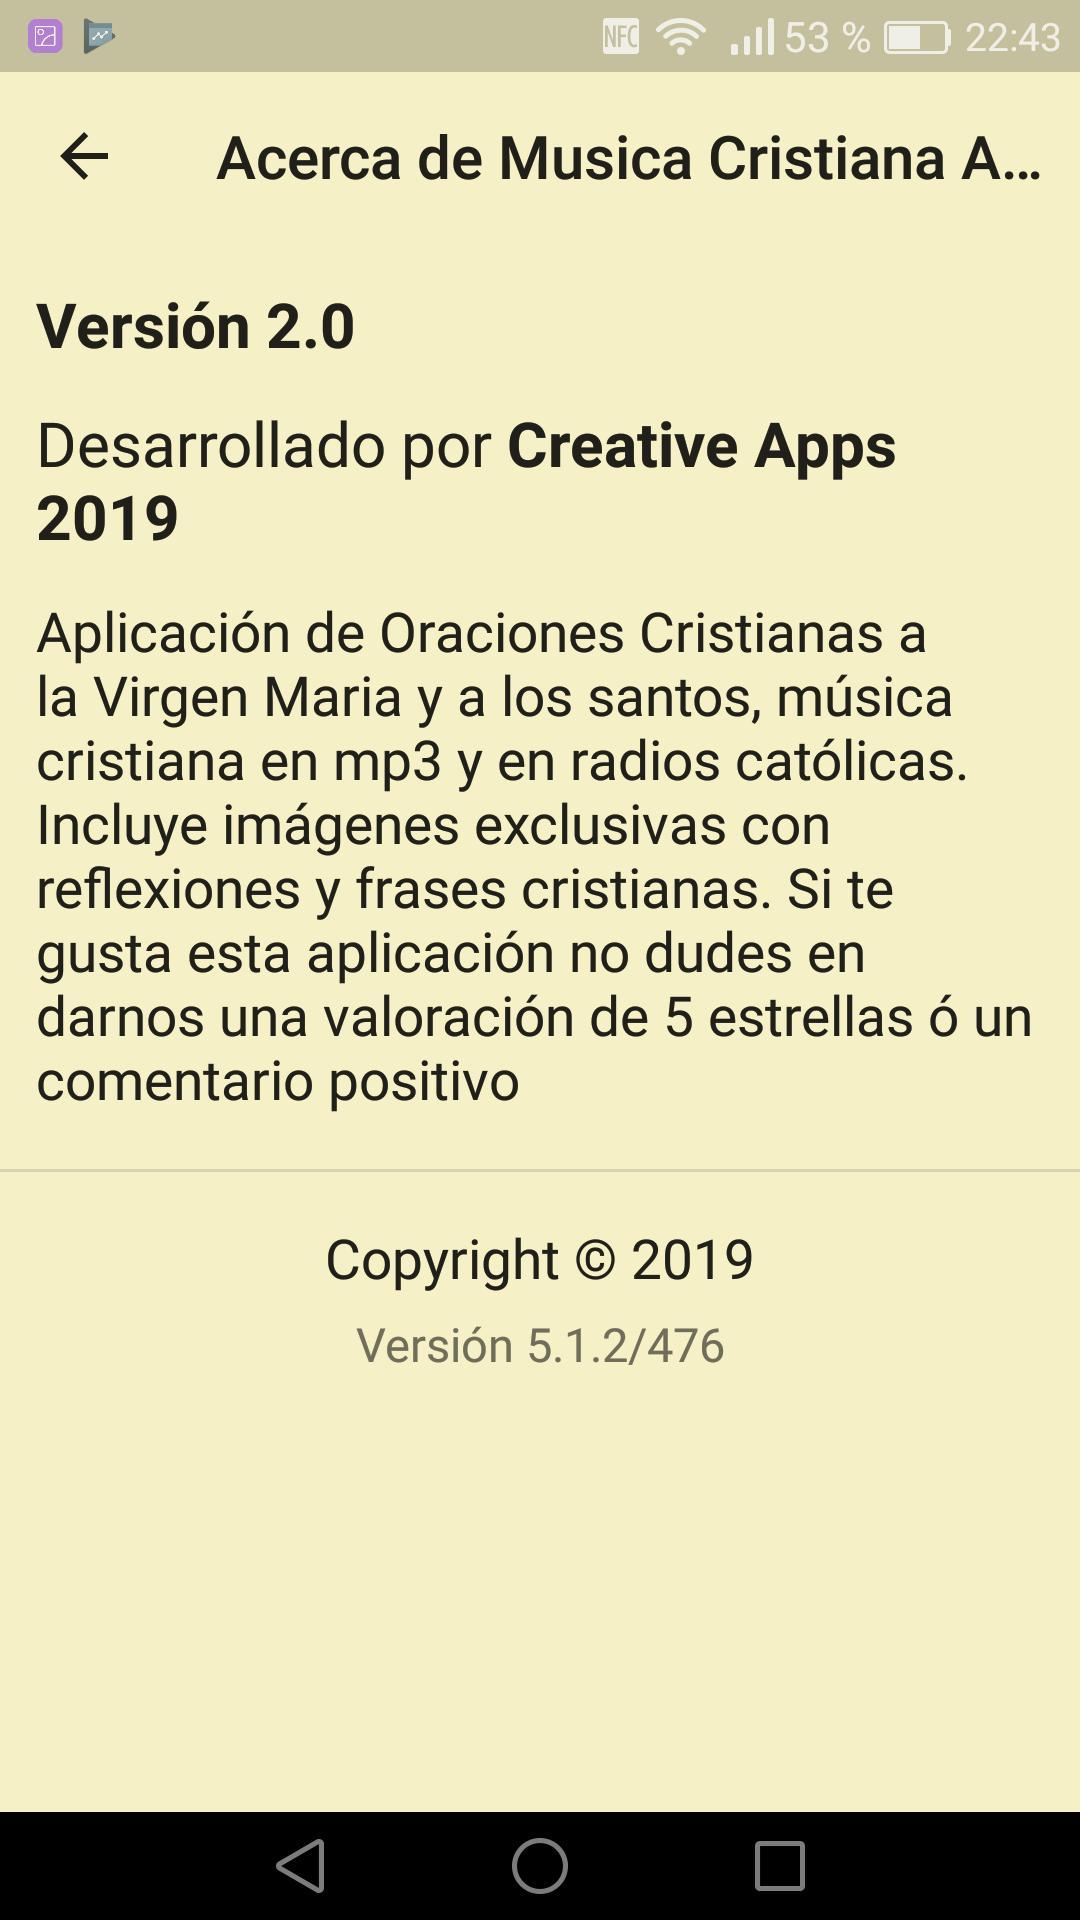 Oraciones Cristianas Música Cristiana Alabanzas For